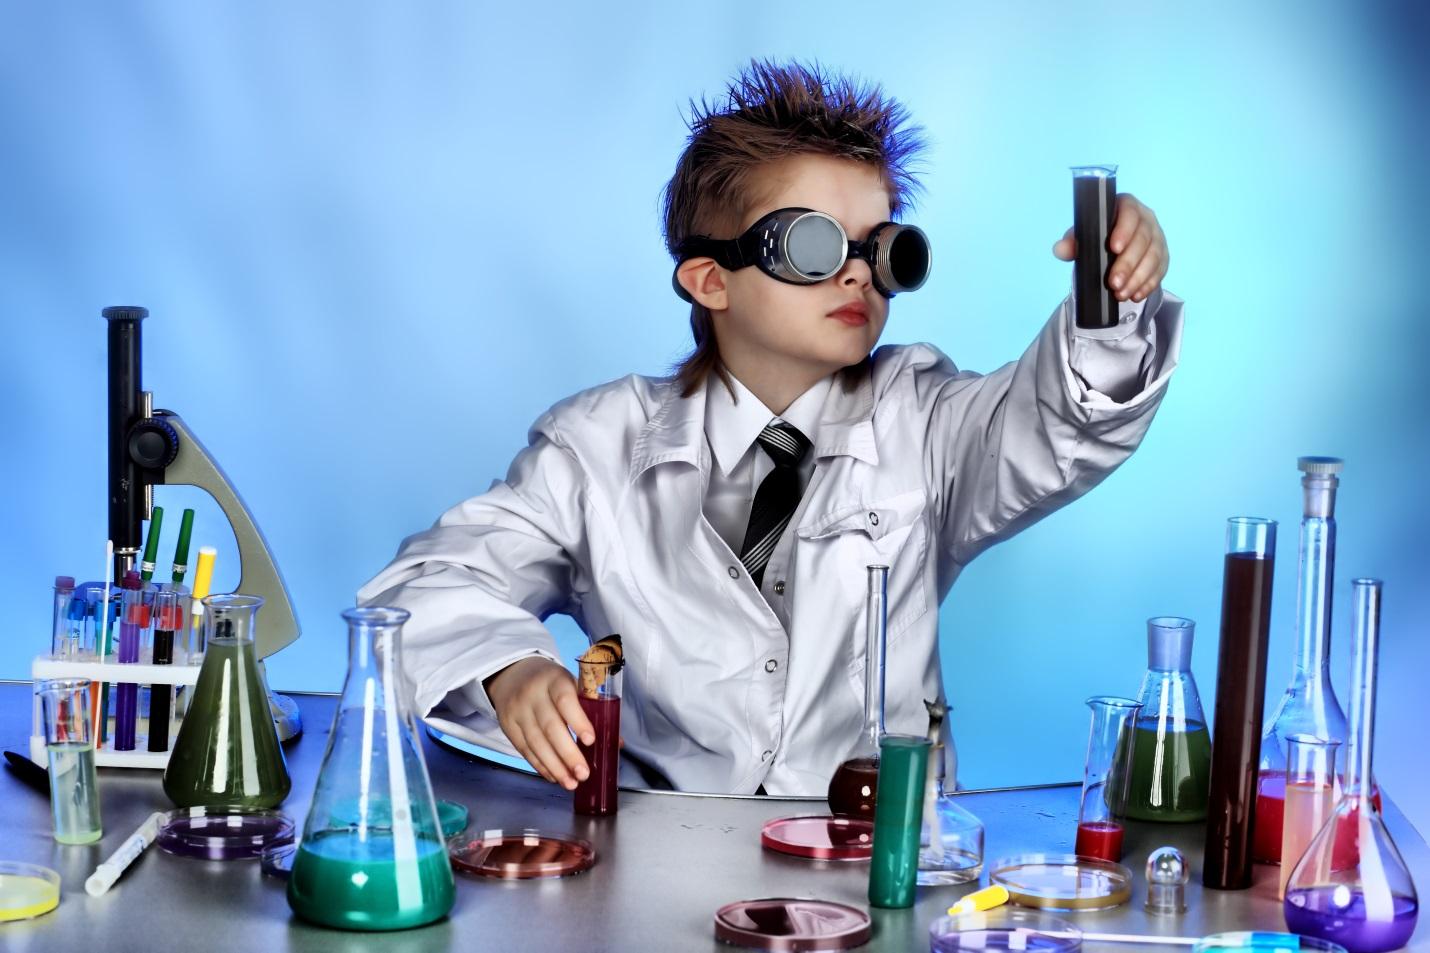 http://akademia-atn.pl/wp-content/uploads/2014/01/eksperymenty-dla-dzieci1.jpg